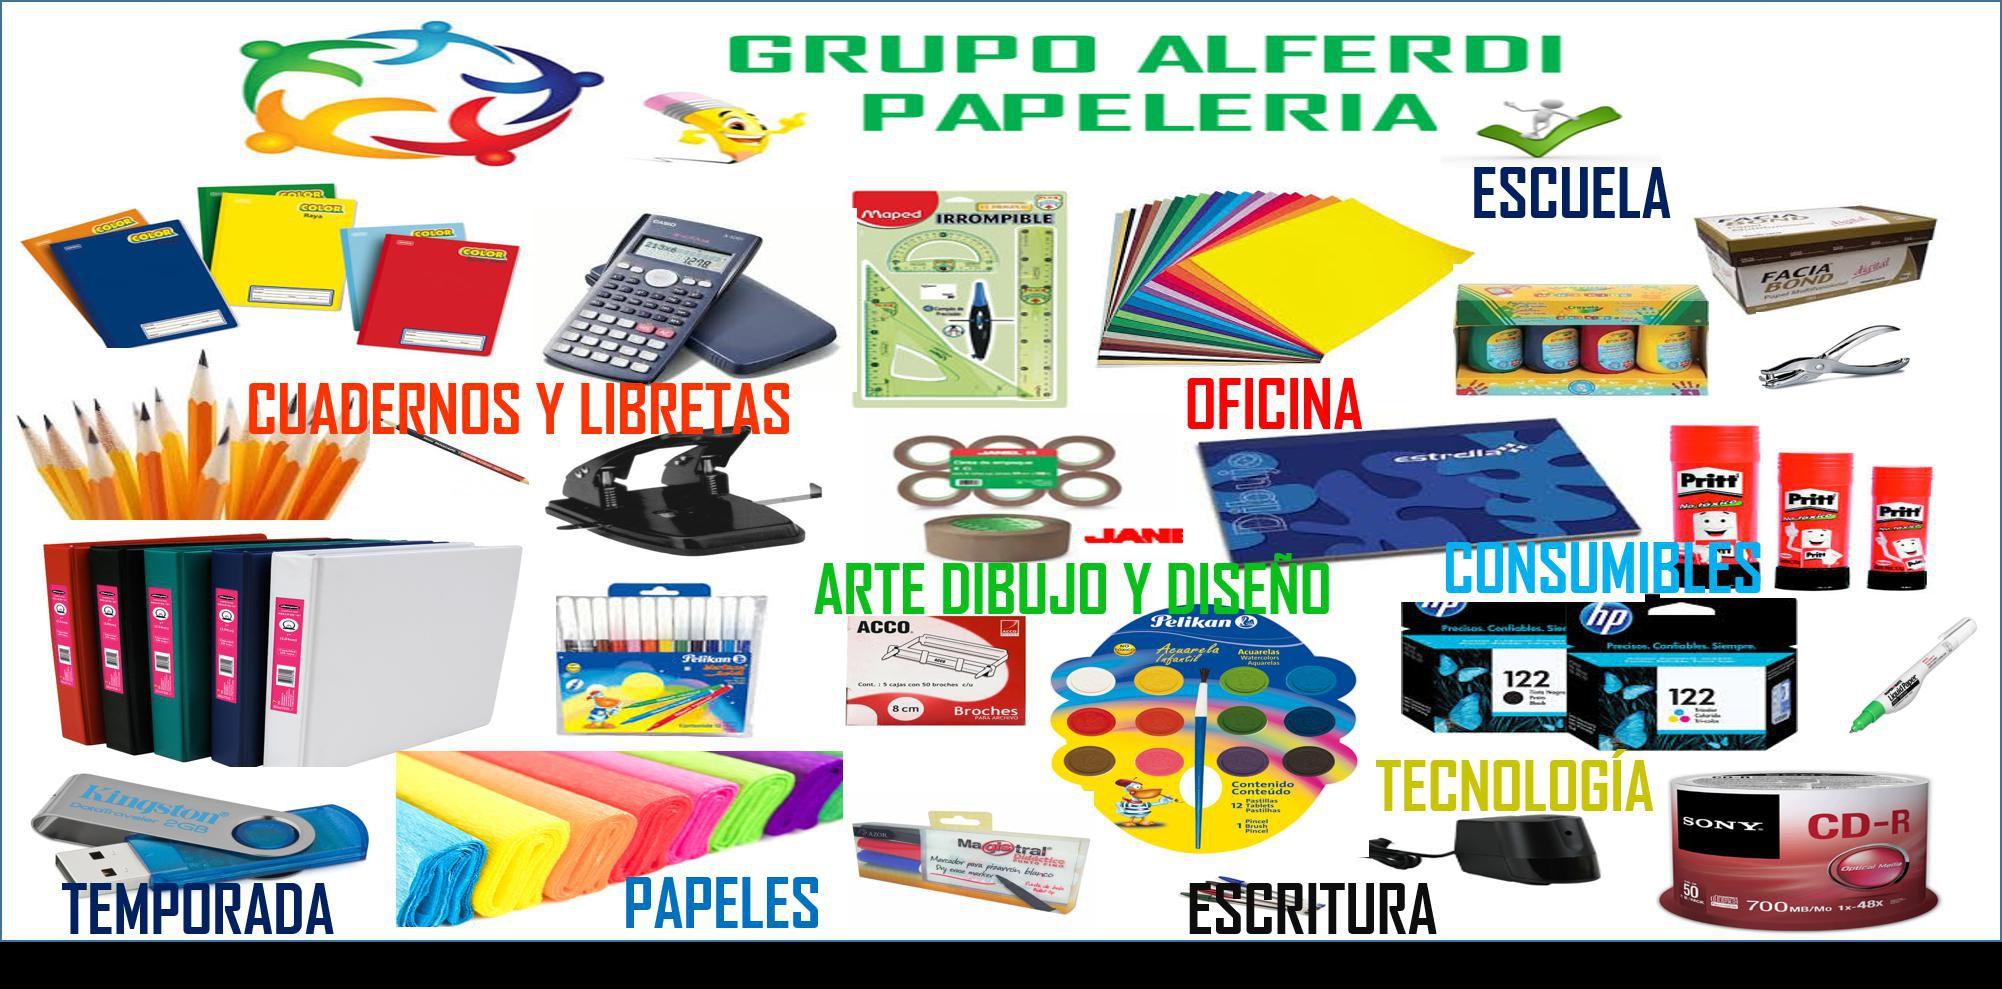 Grupo alferdi papeler a cuadernos y libretas blocks for Productos oficina